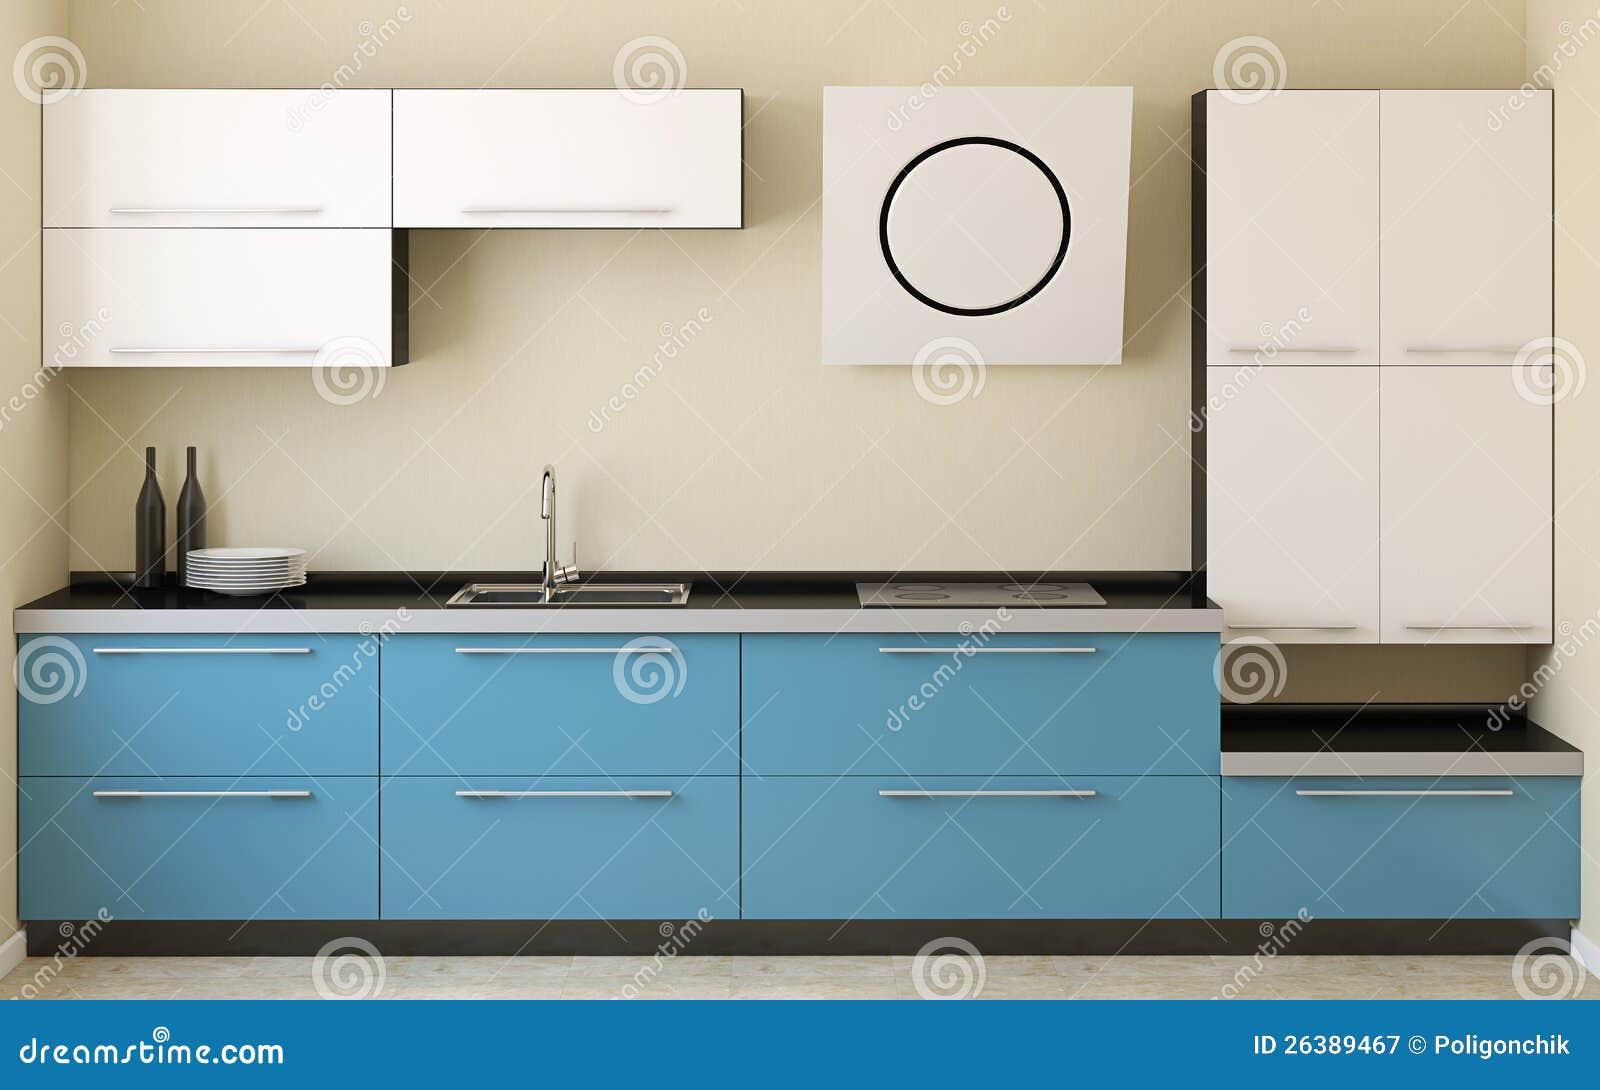 Cuisine moderne photographie stock libre de droits image 26389467 for Interieur cuisine moderne